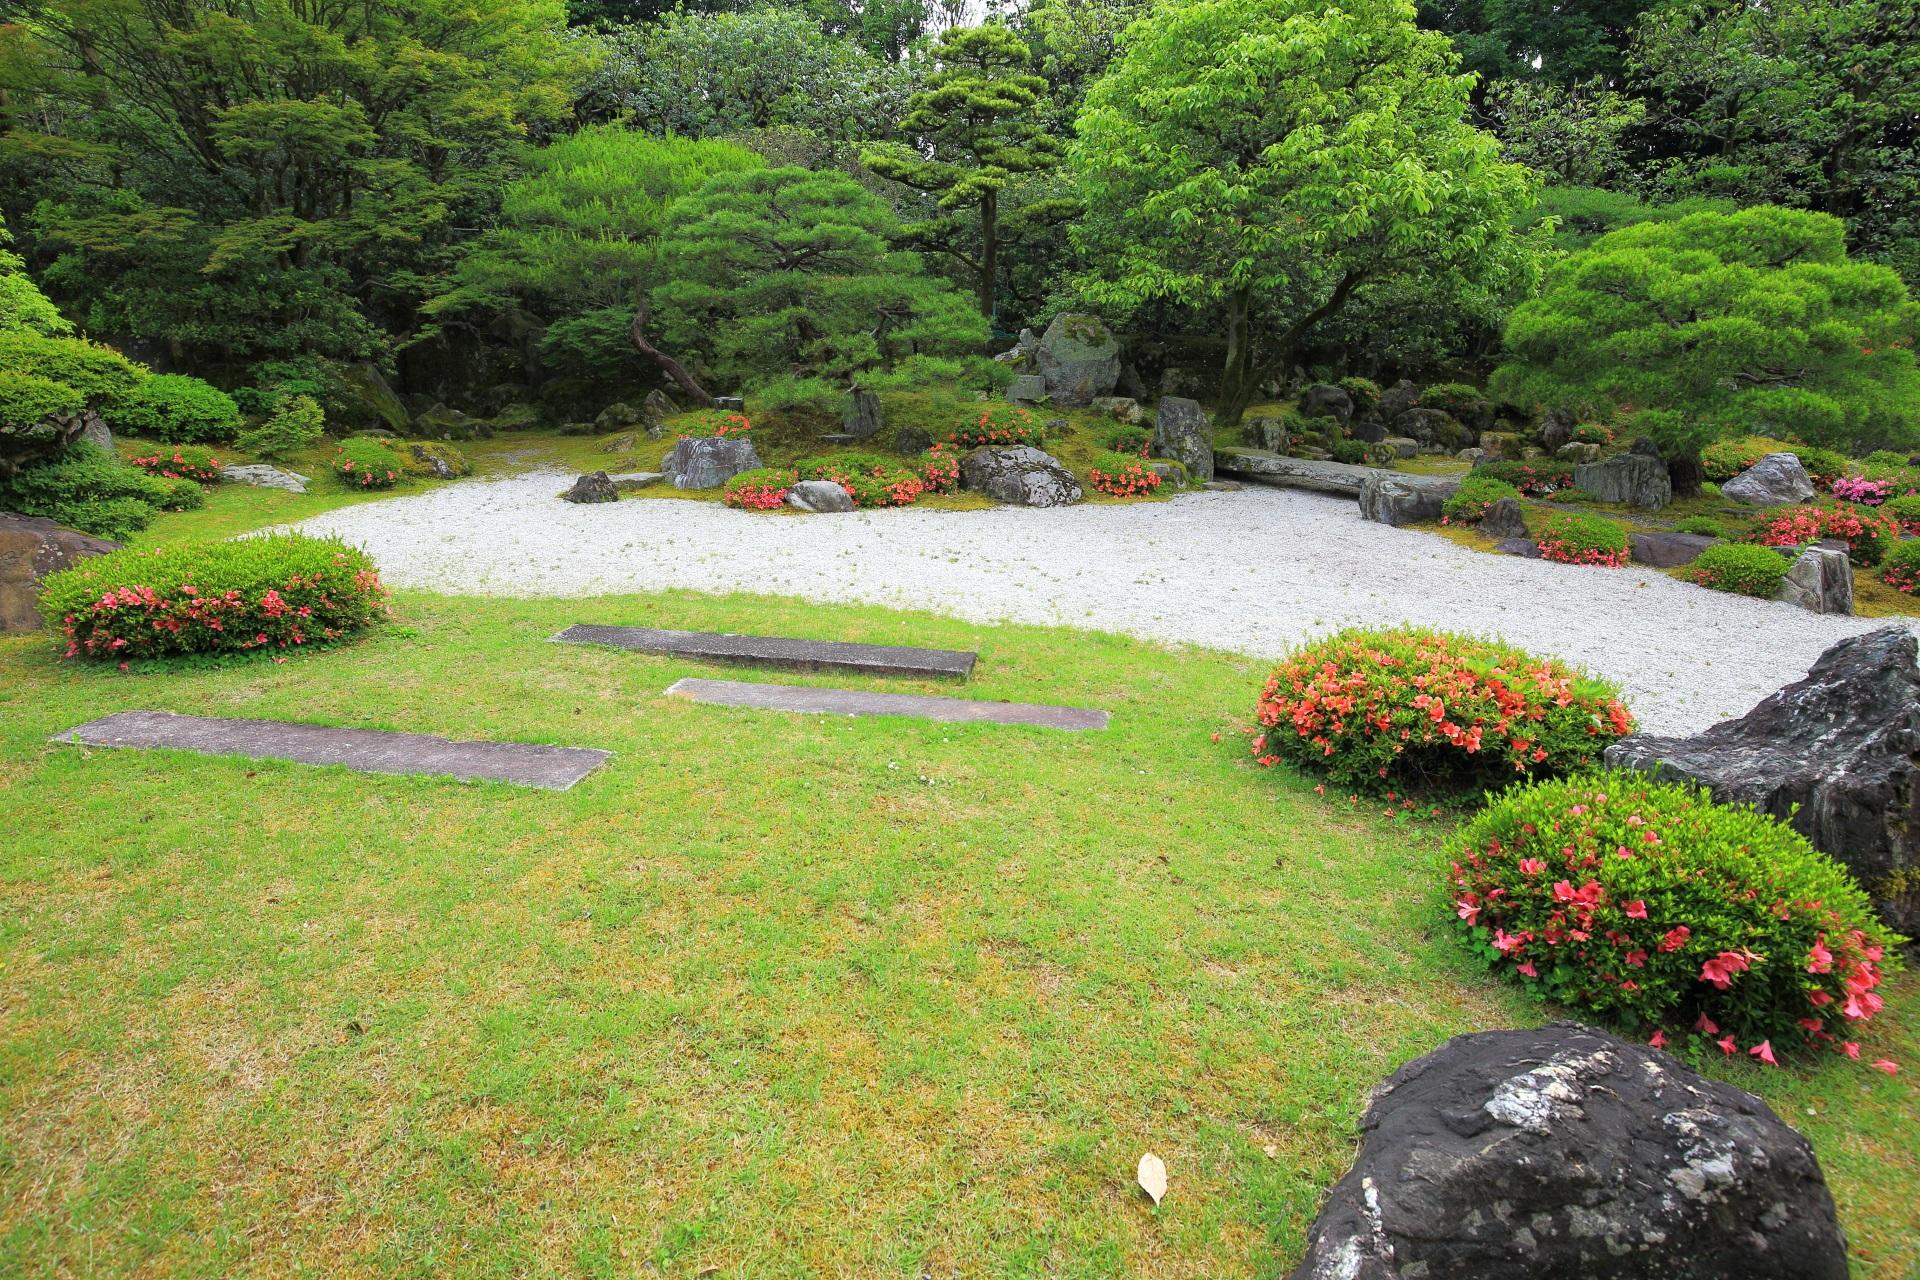 友禅苑の白砂に岩や緑が配された枯山水庭園